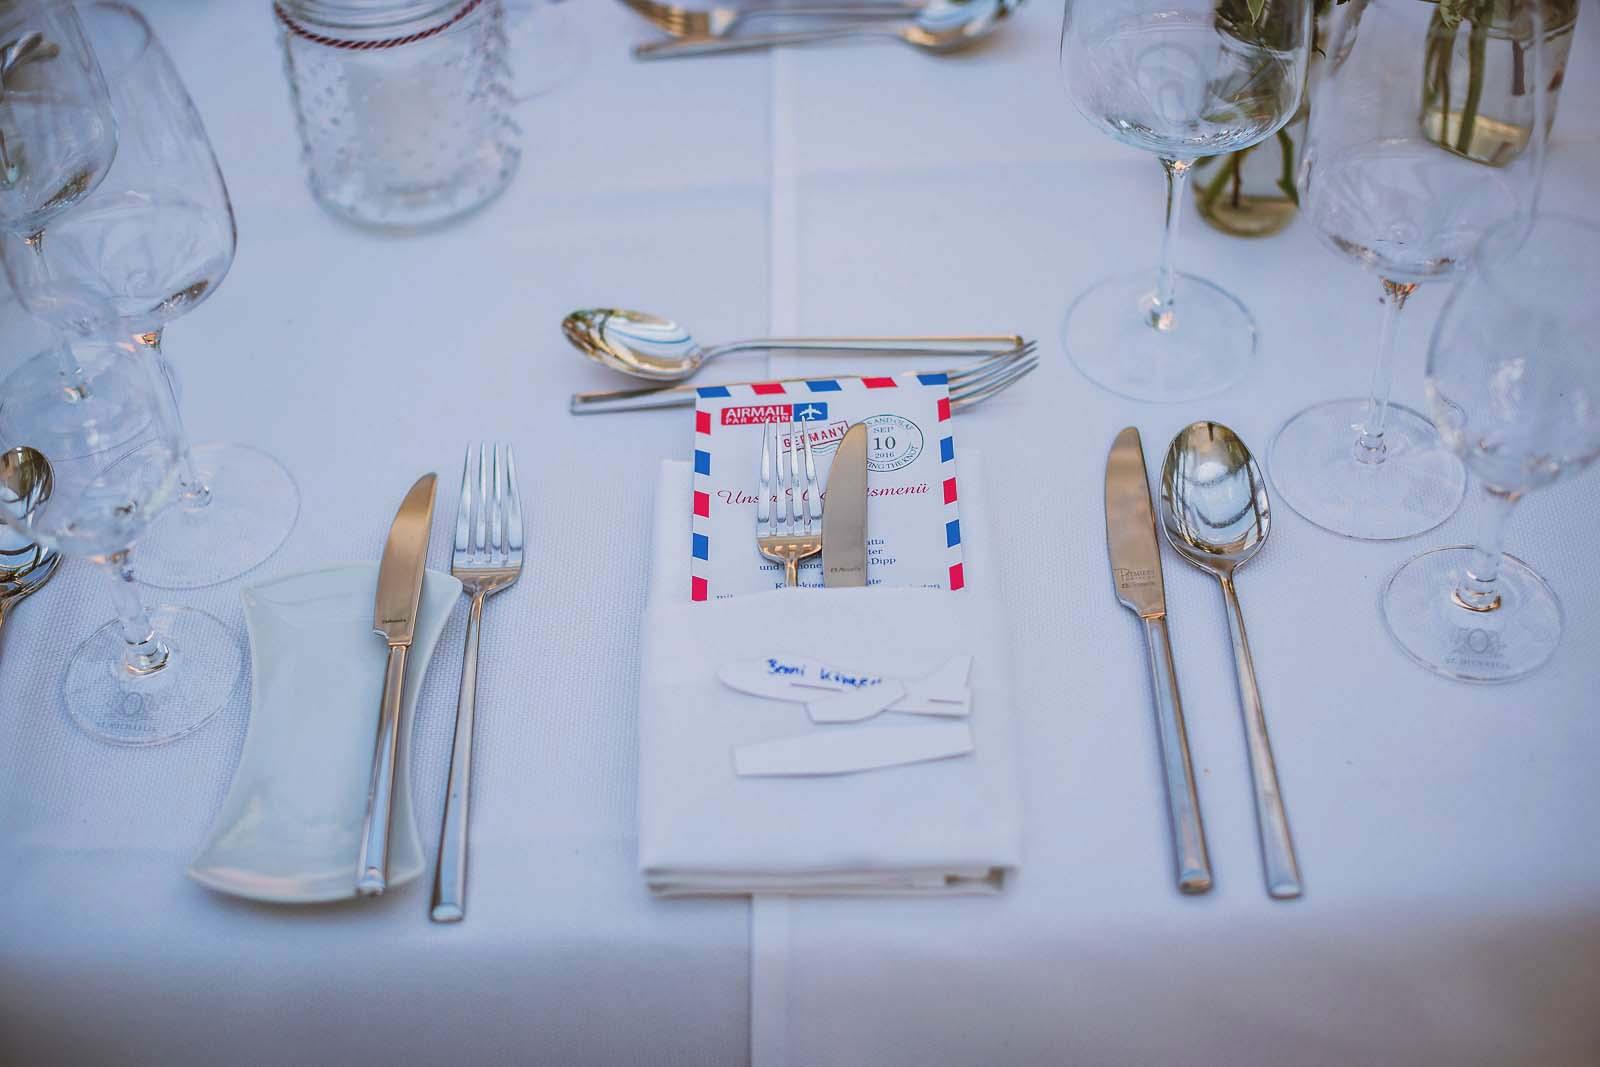 Gedeckter Tisch einer Hochzeitstafel Detailfoto vom professionellem Hochzeitsfotograf Copyright by Hochzeitsfotograf www.berliner-hochzeitsfotografie.de